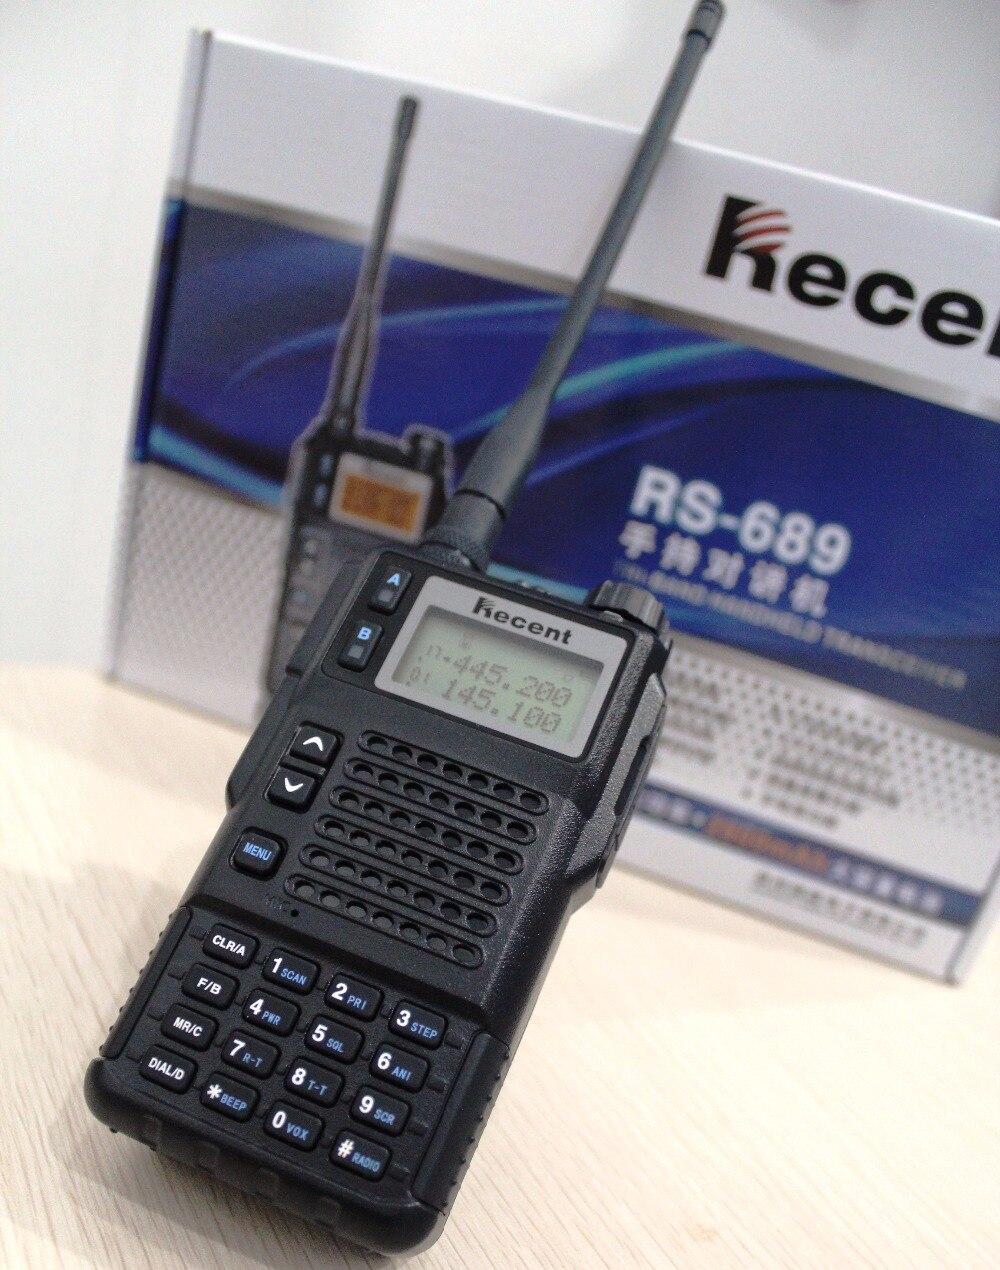 Potente 10 W rs689 VHF UHF Tri banda jamón portátil Radios s transceptor práctico dos vías Radios Walkie-talkies pantalla dual doble Modo de espera